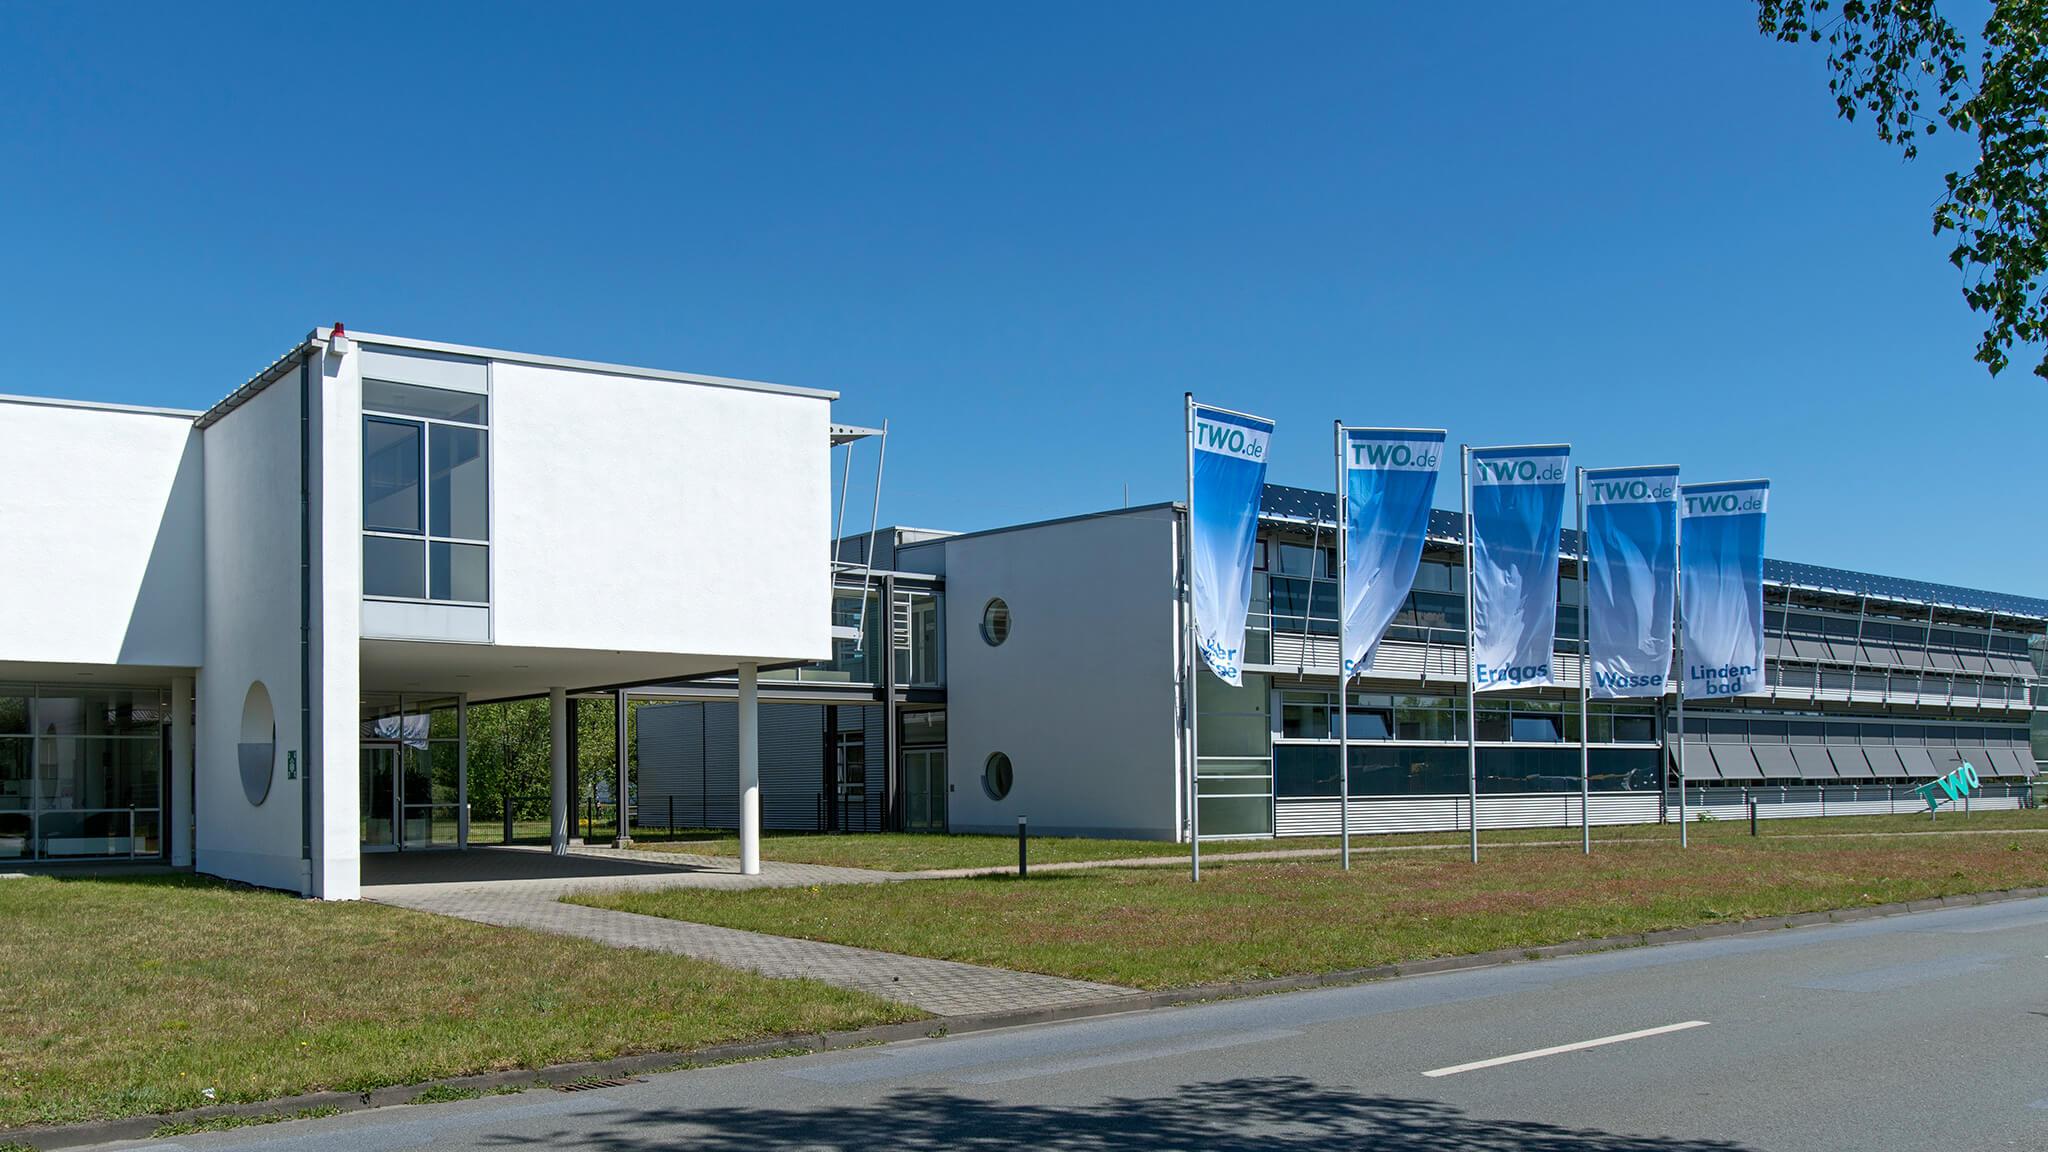 TWO Gebäude mit Fahnen von außen in Halle